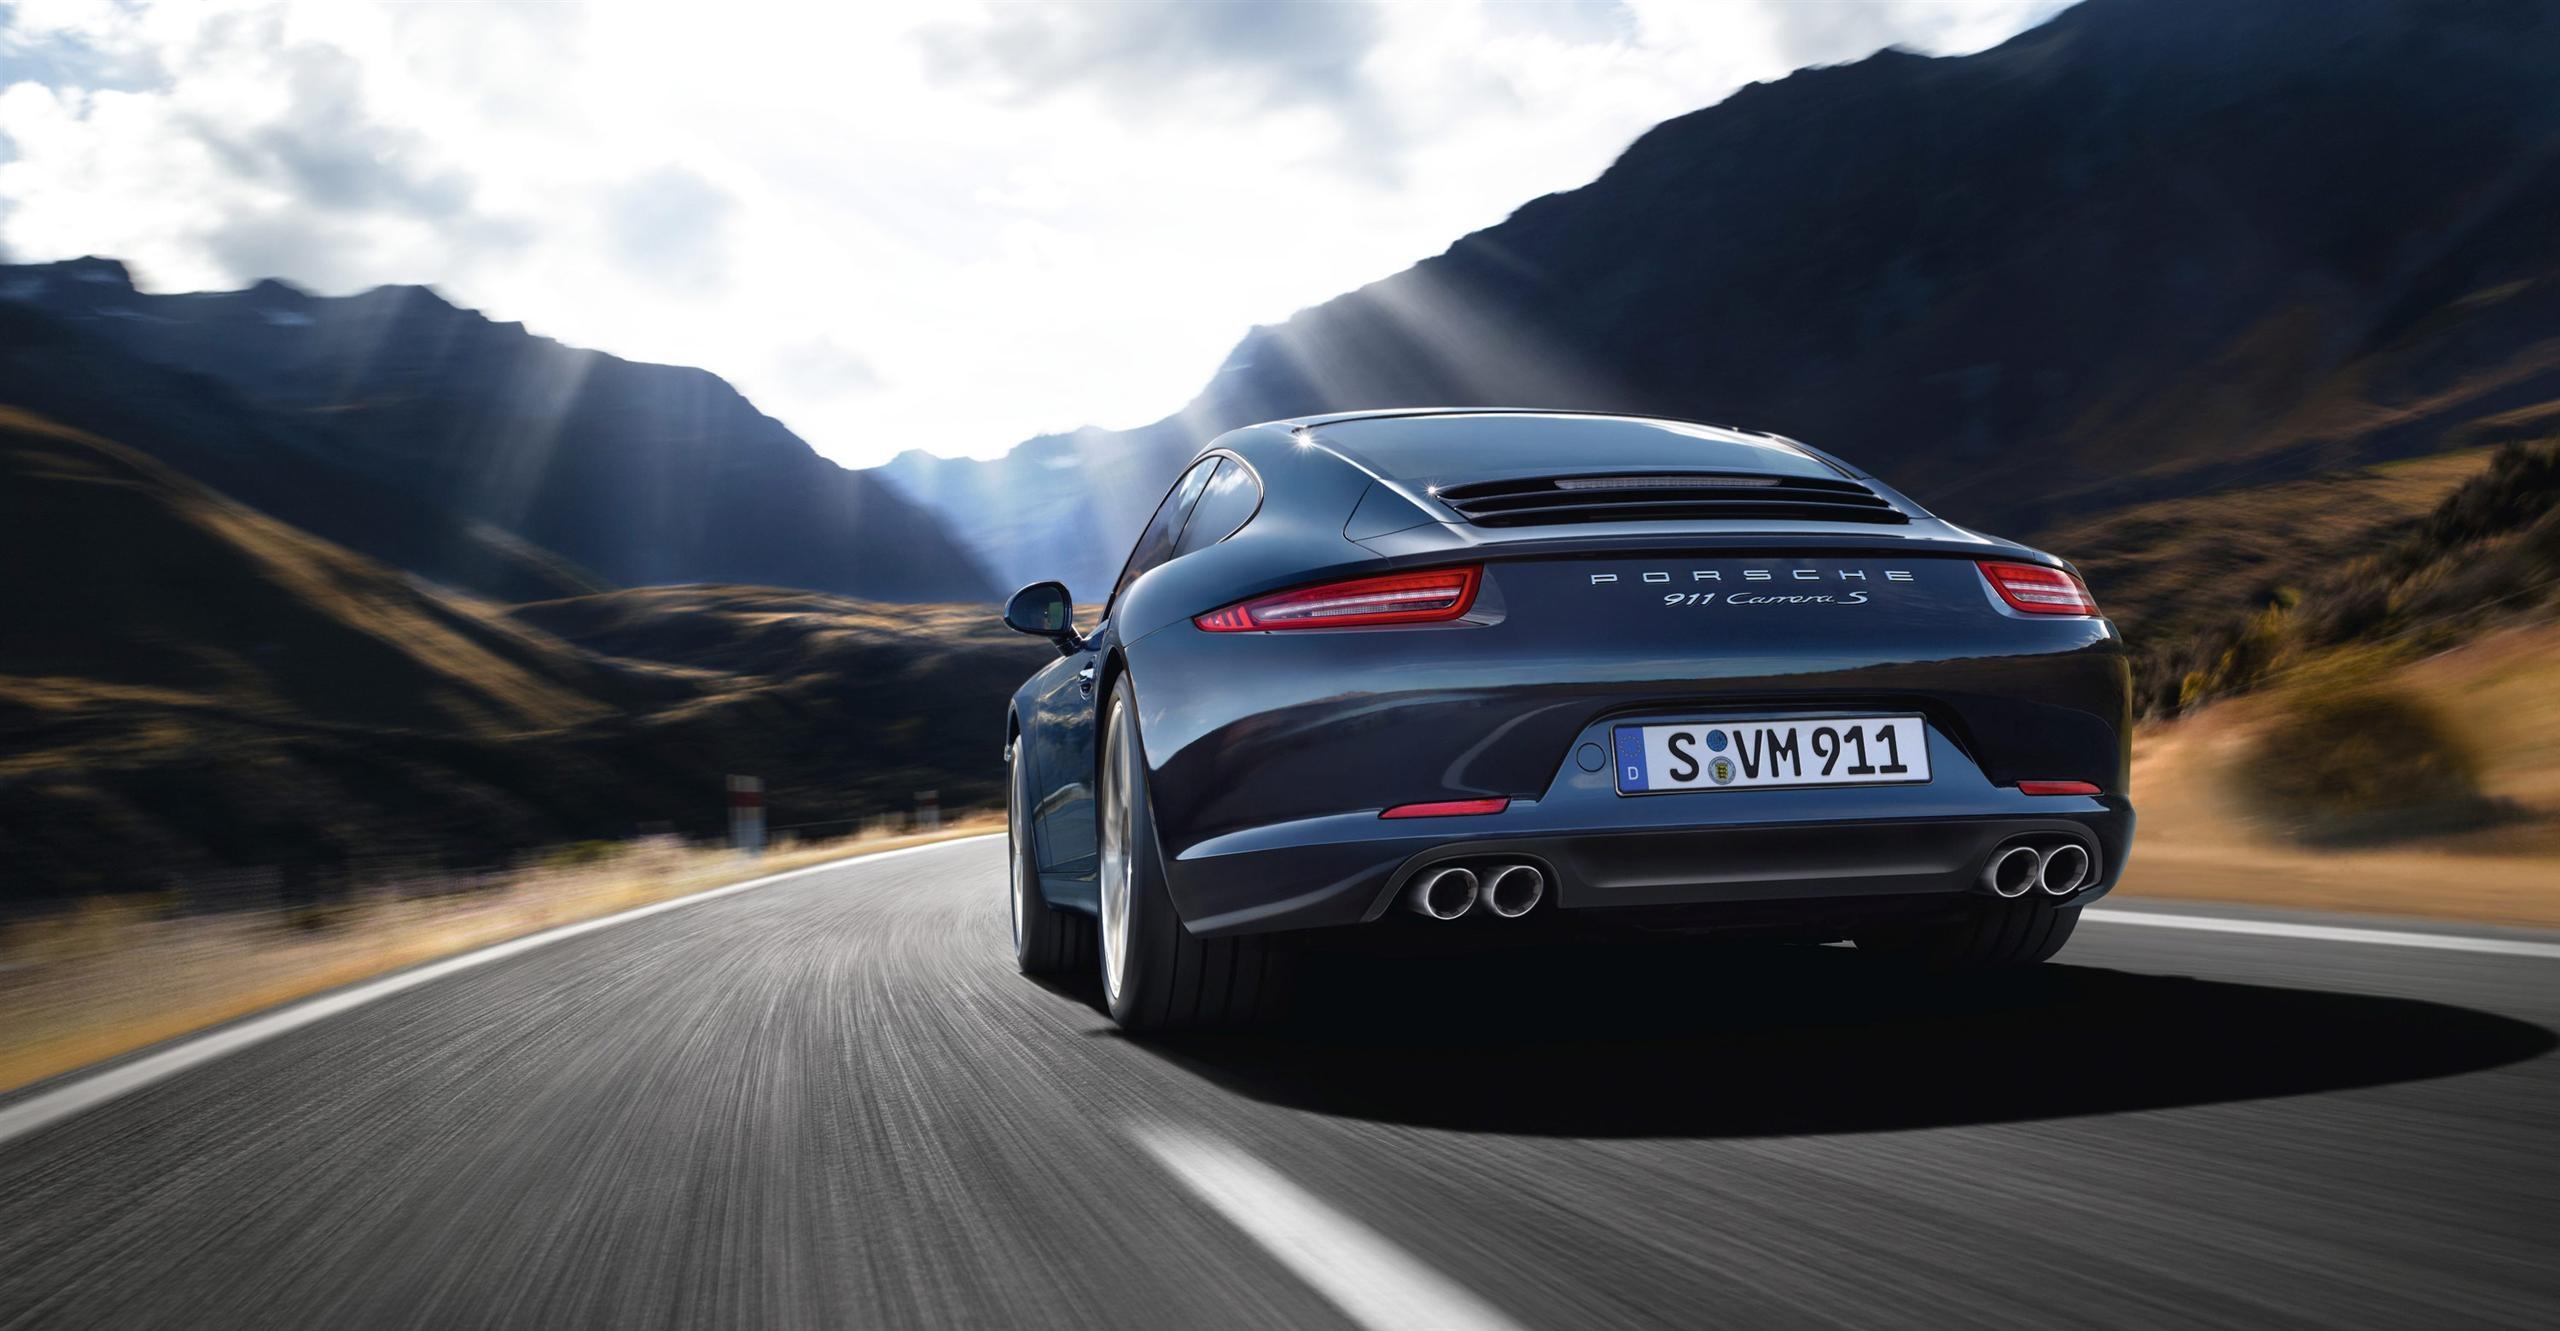 Porsche gt3 wallpaper widescreen